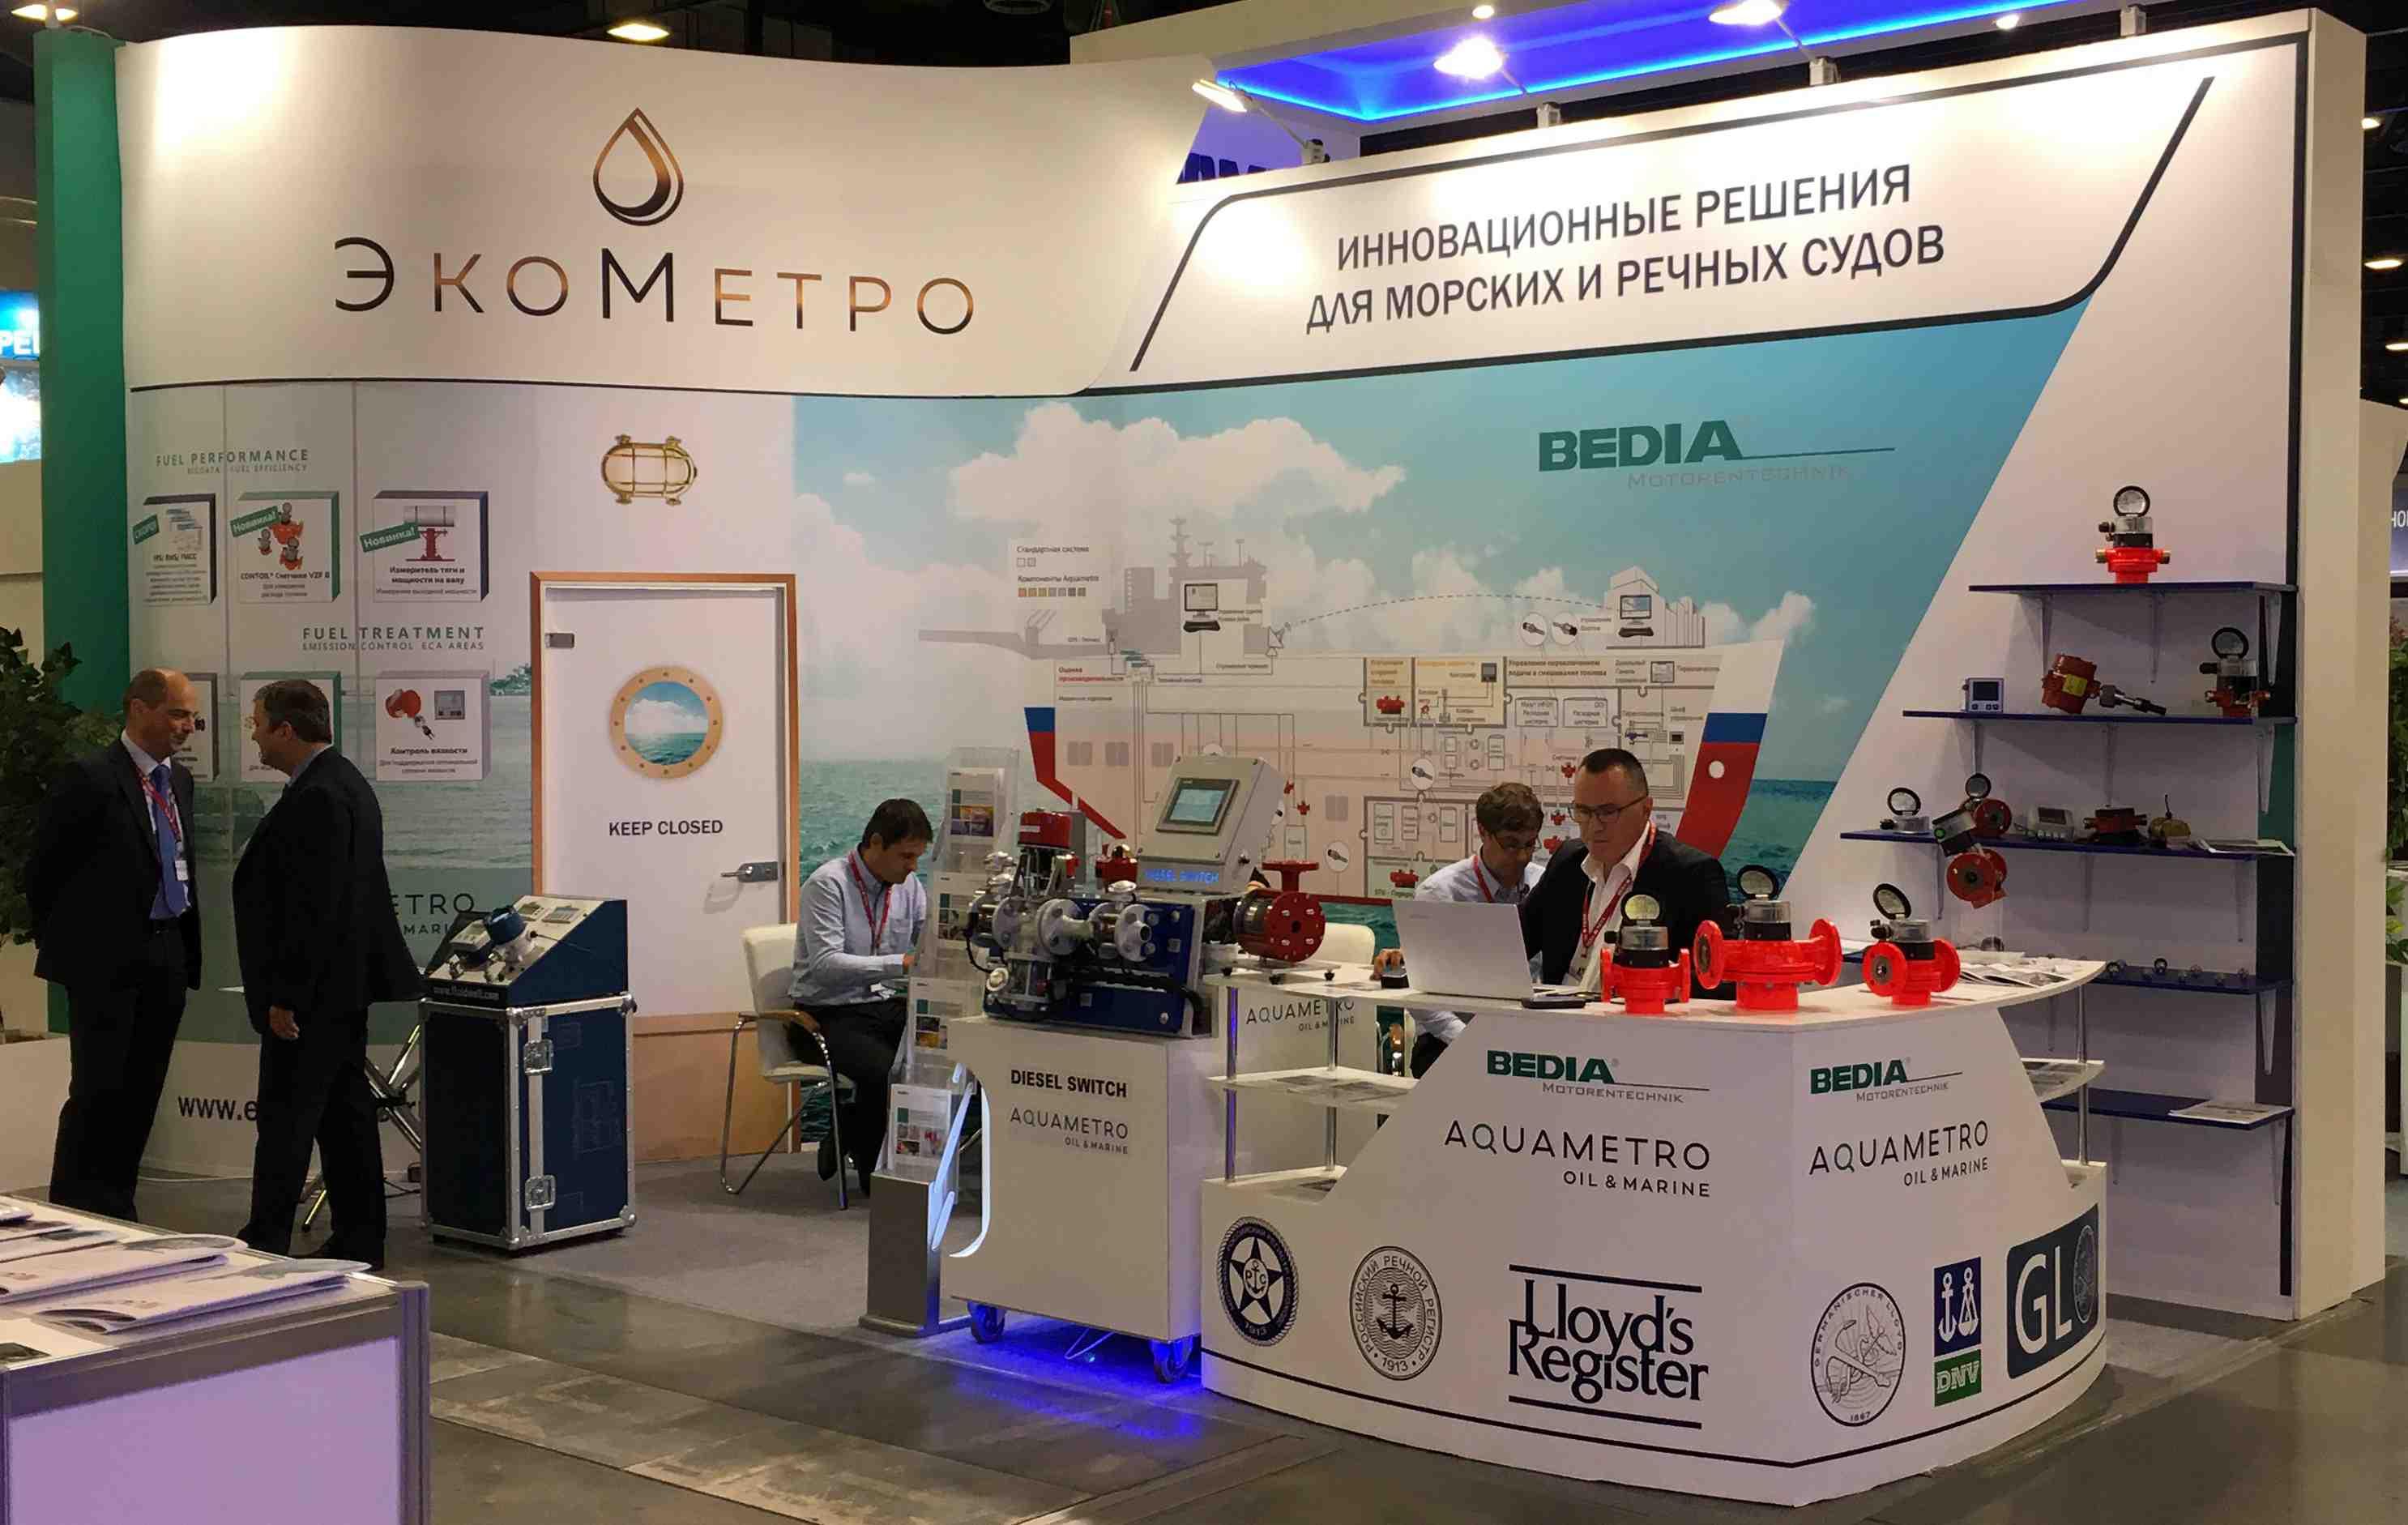 Aquametro Oil & Marine   volumetric meters, measurement for